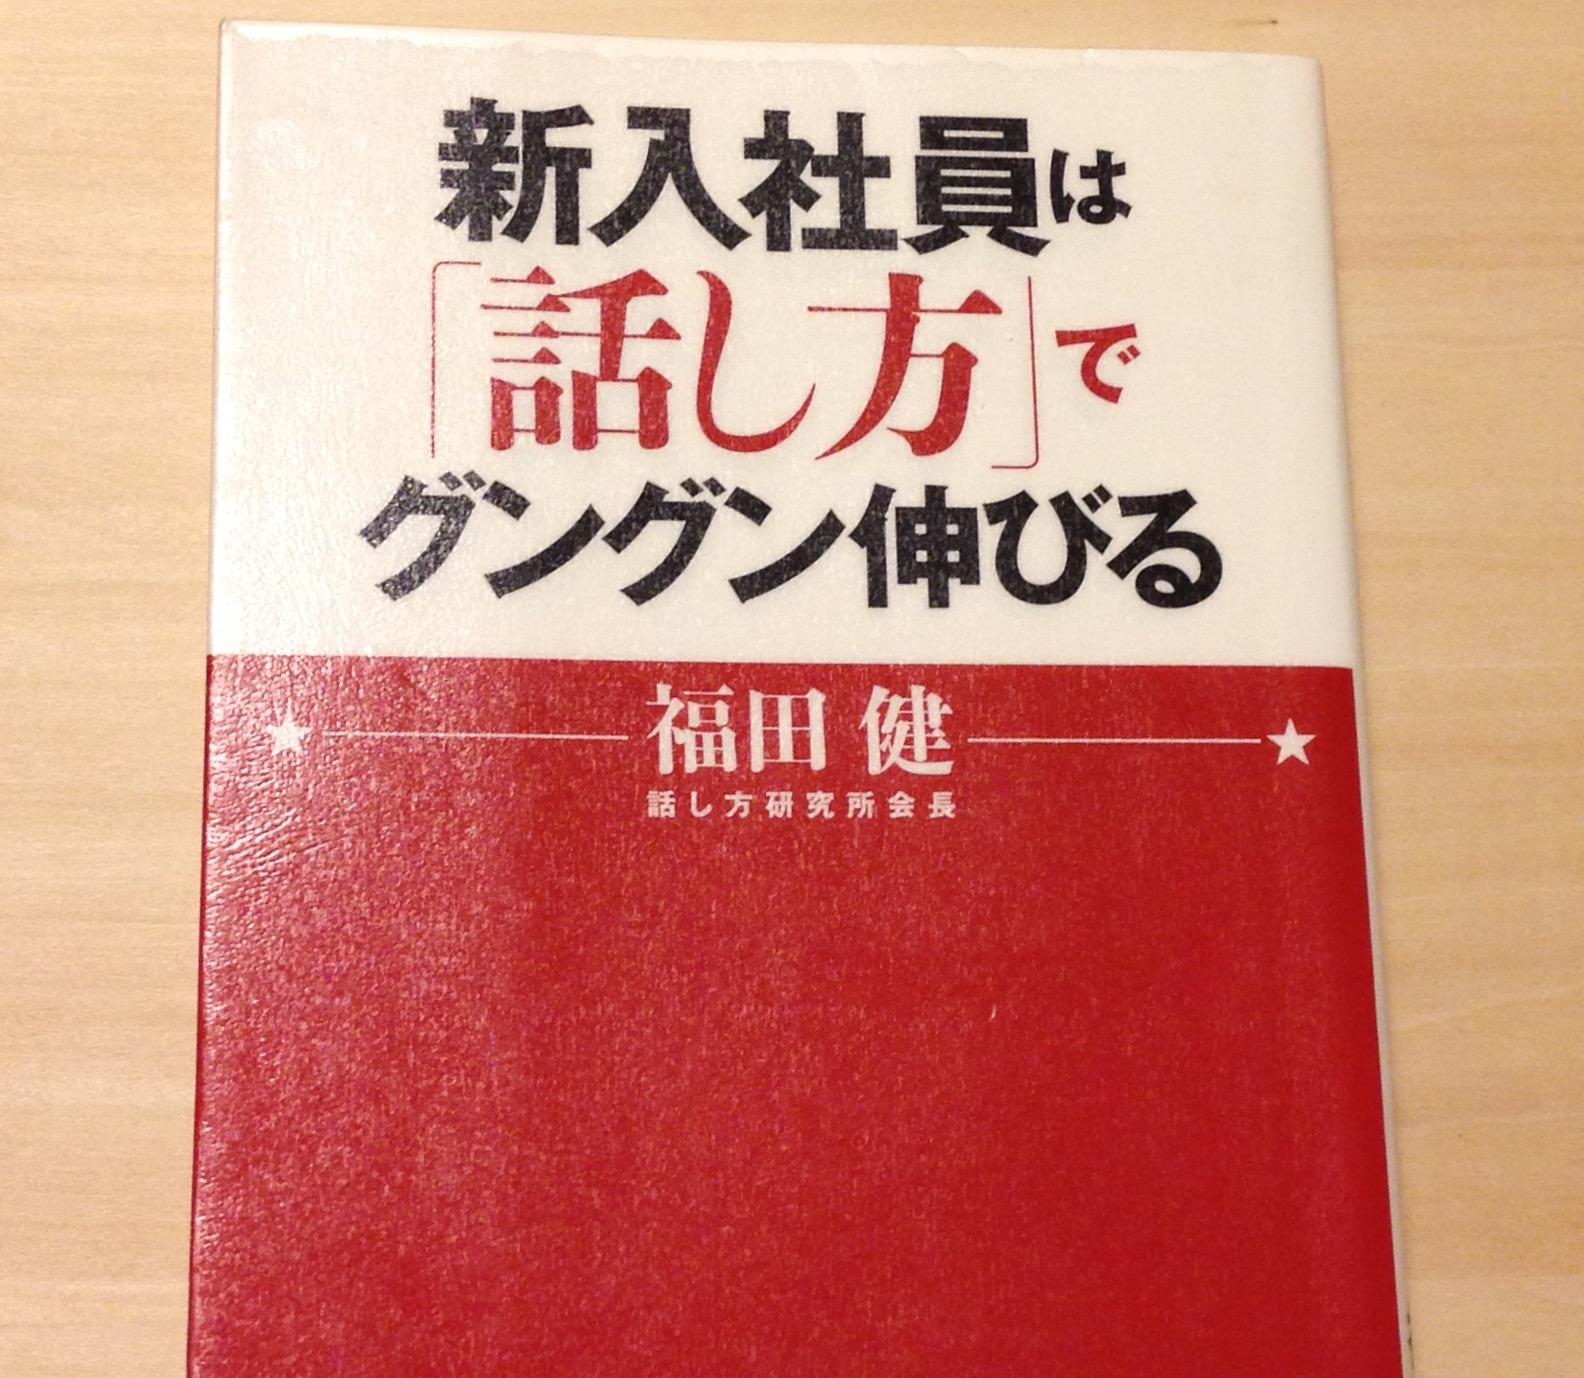 新入社員は「話し方」でグングン伸びる 著:福田健